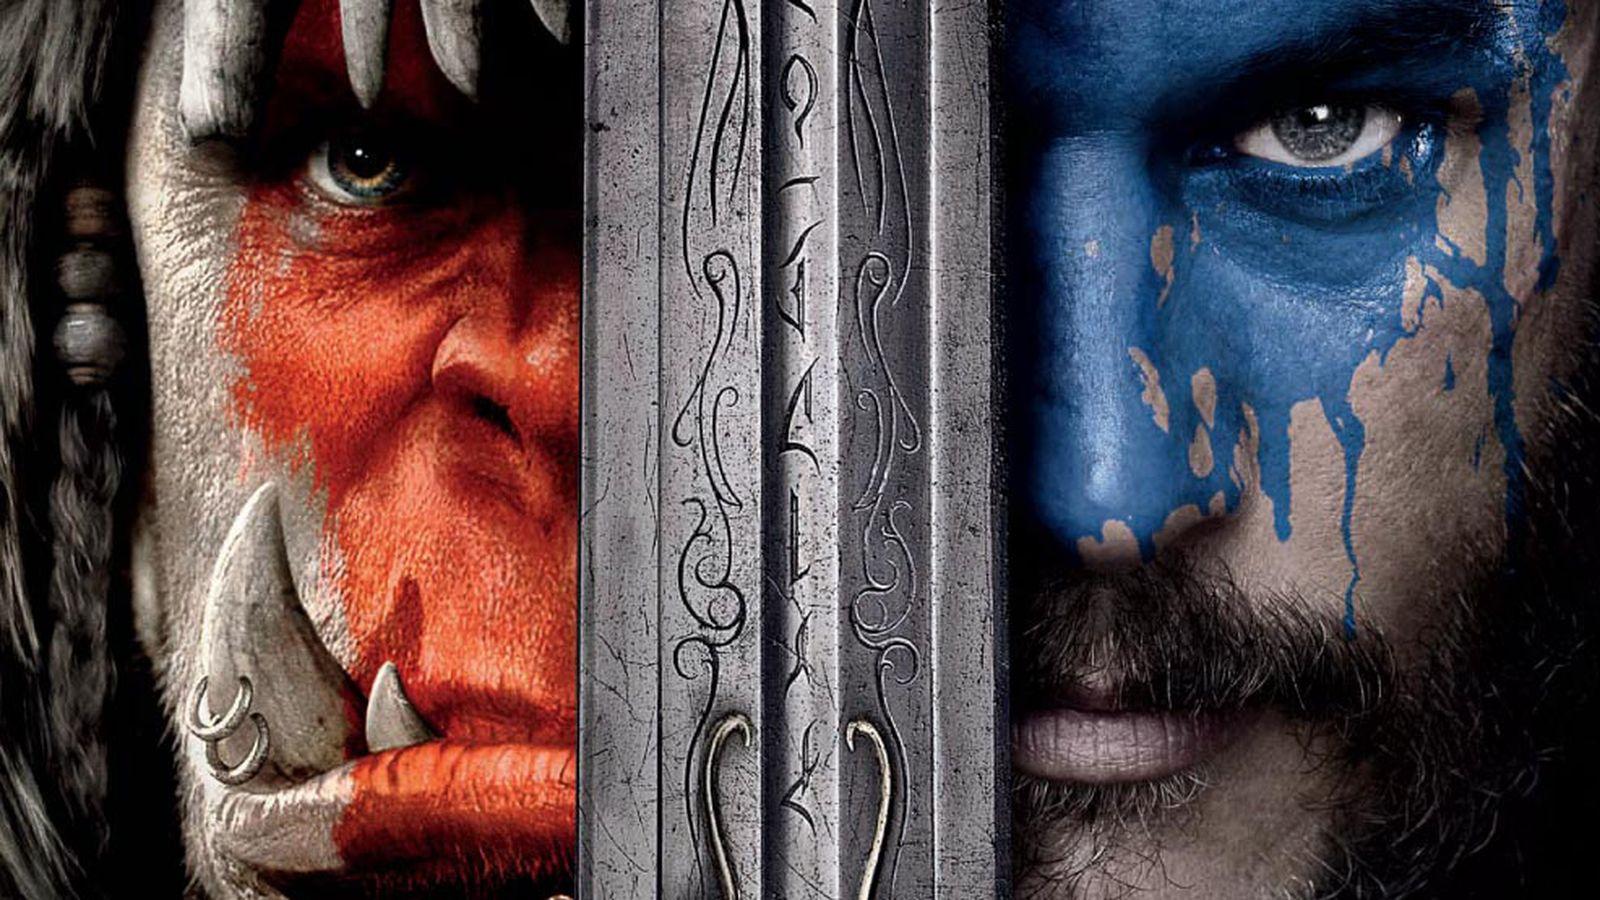 Warcraft: The Beginning Beklentileri Karşılayamadı mı?